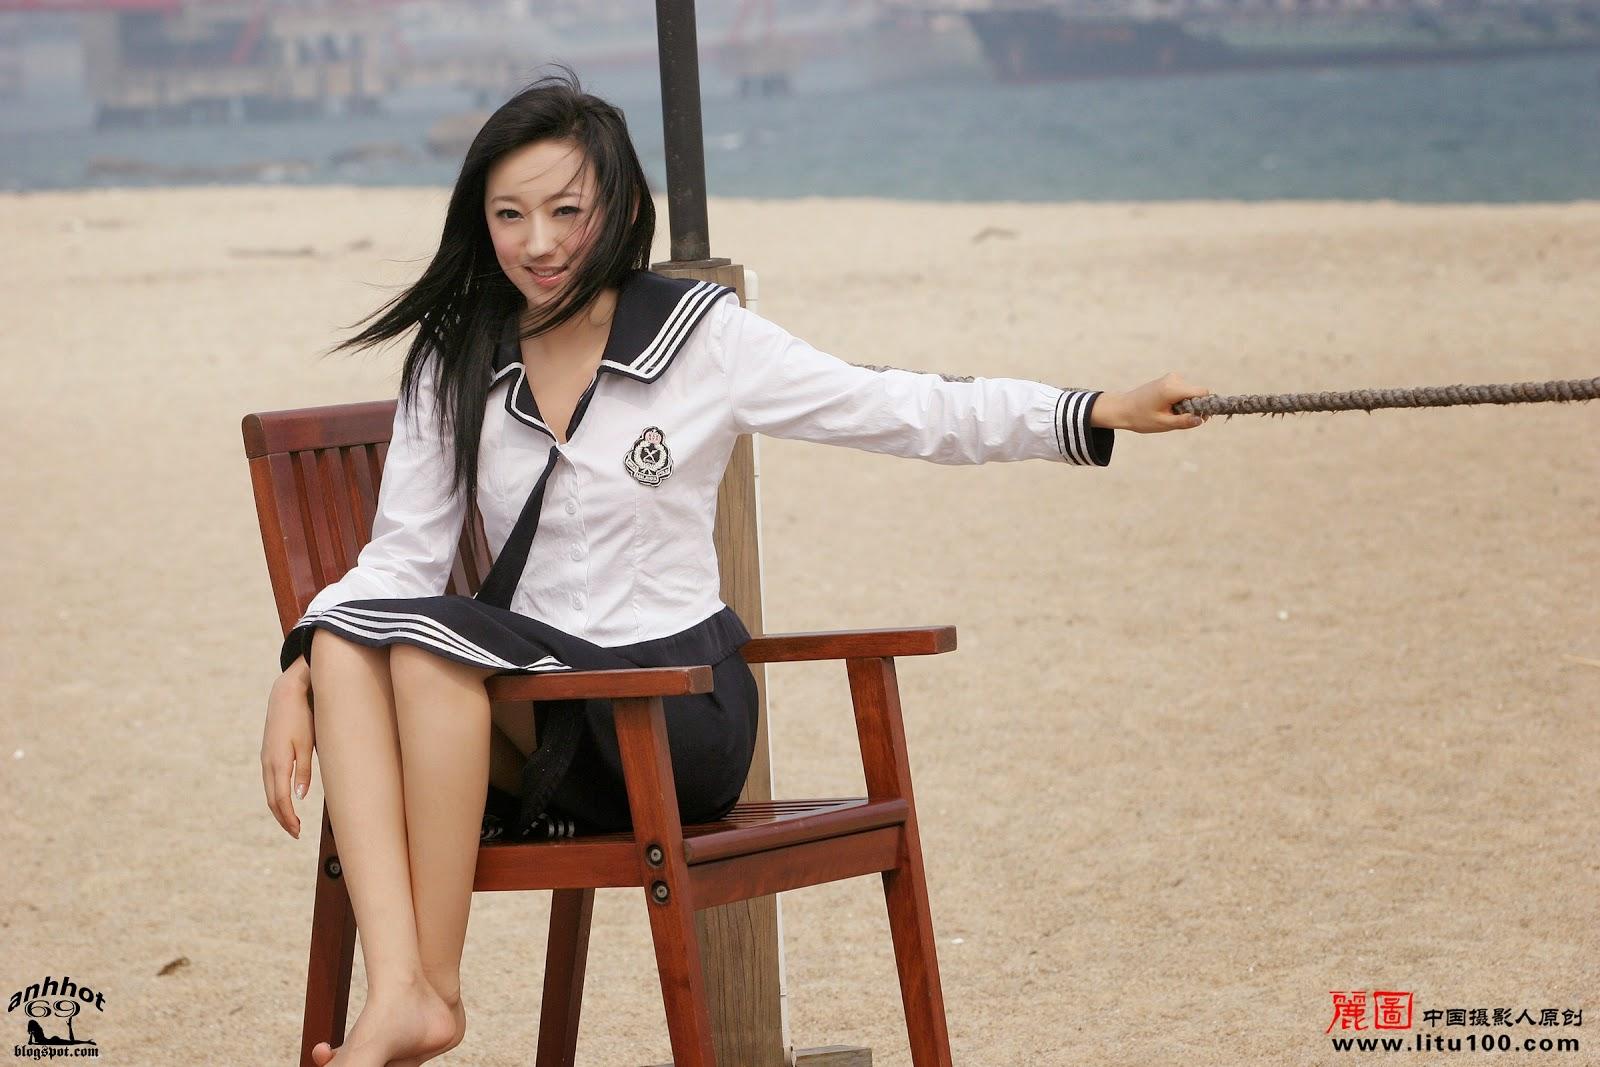 litu-200600819-zhang-tian-yi-sea_IMG_6301